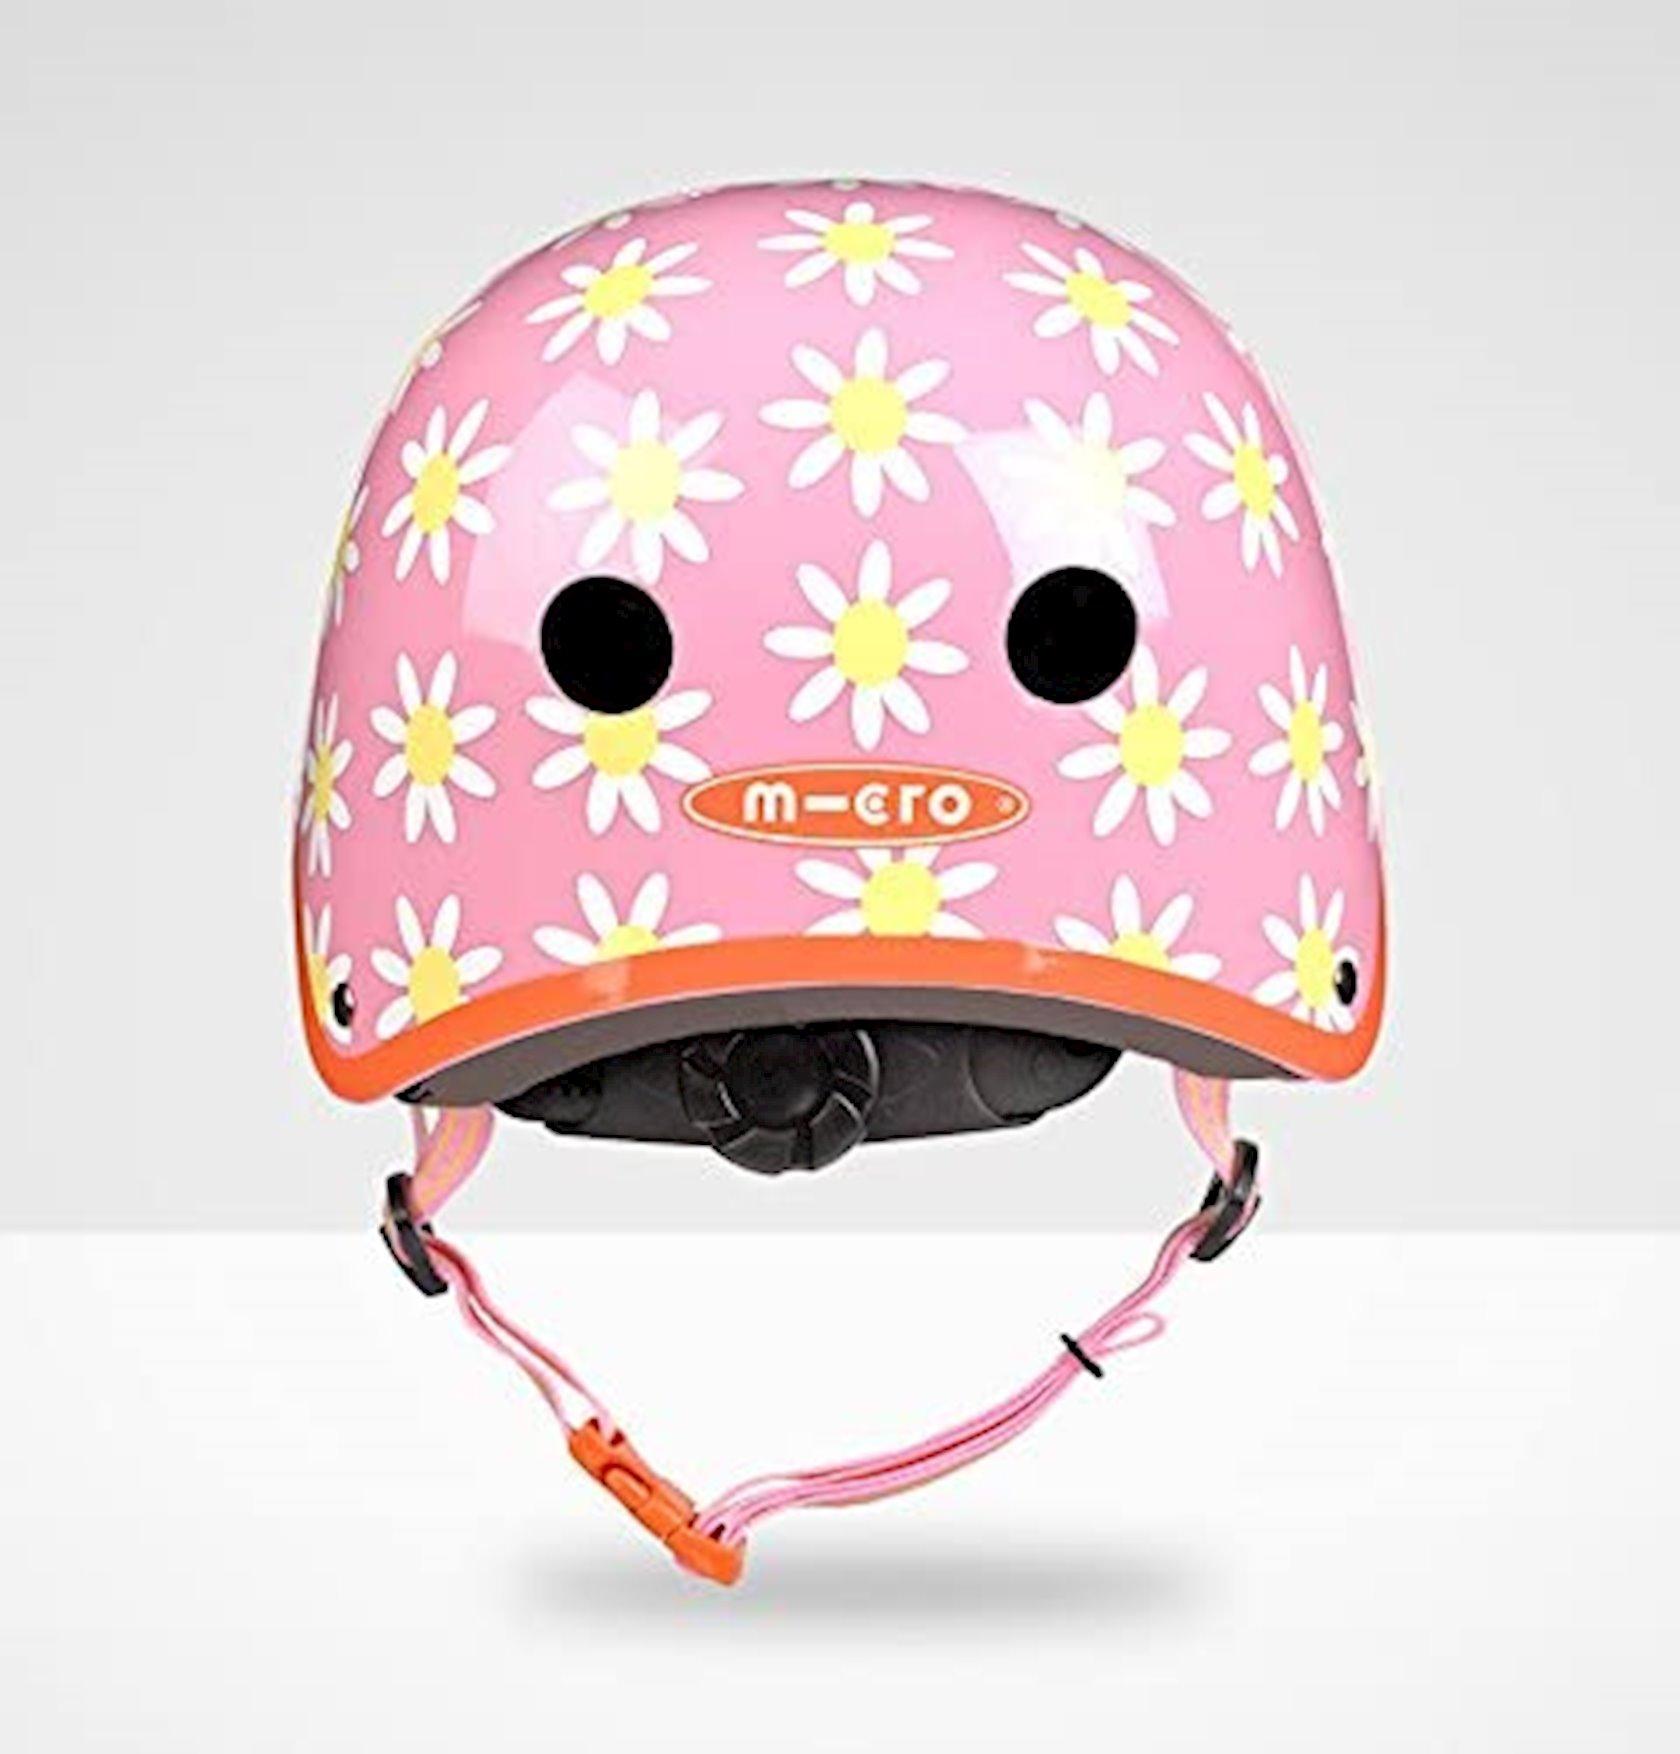 Qoruyucu dəbilqə Micro Helmet Daisy, çəhrayı, 3+ yaş, S ölçü 48-53 sm